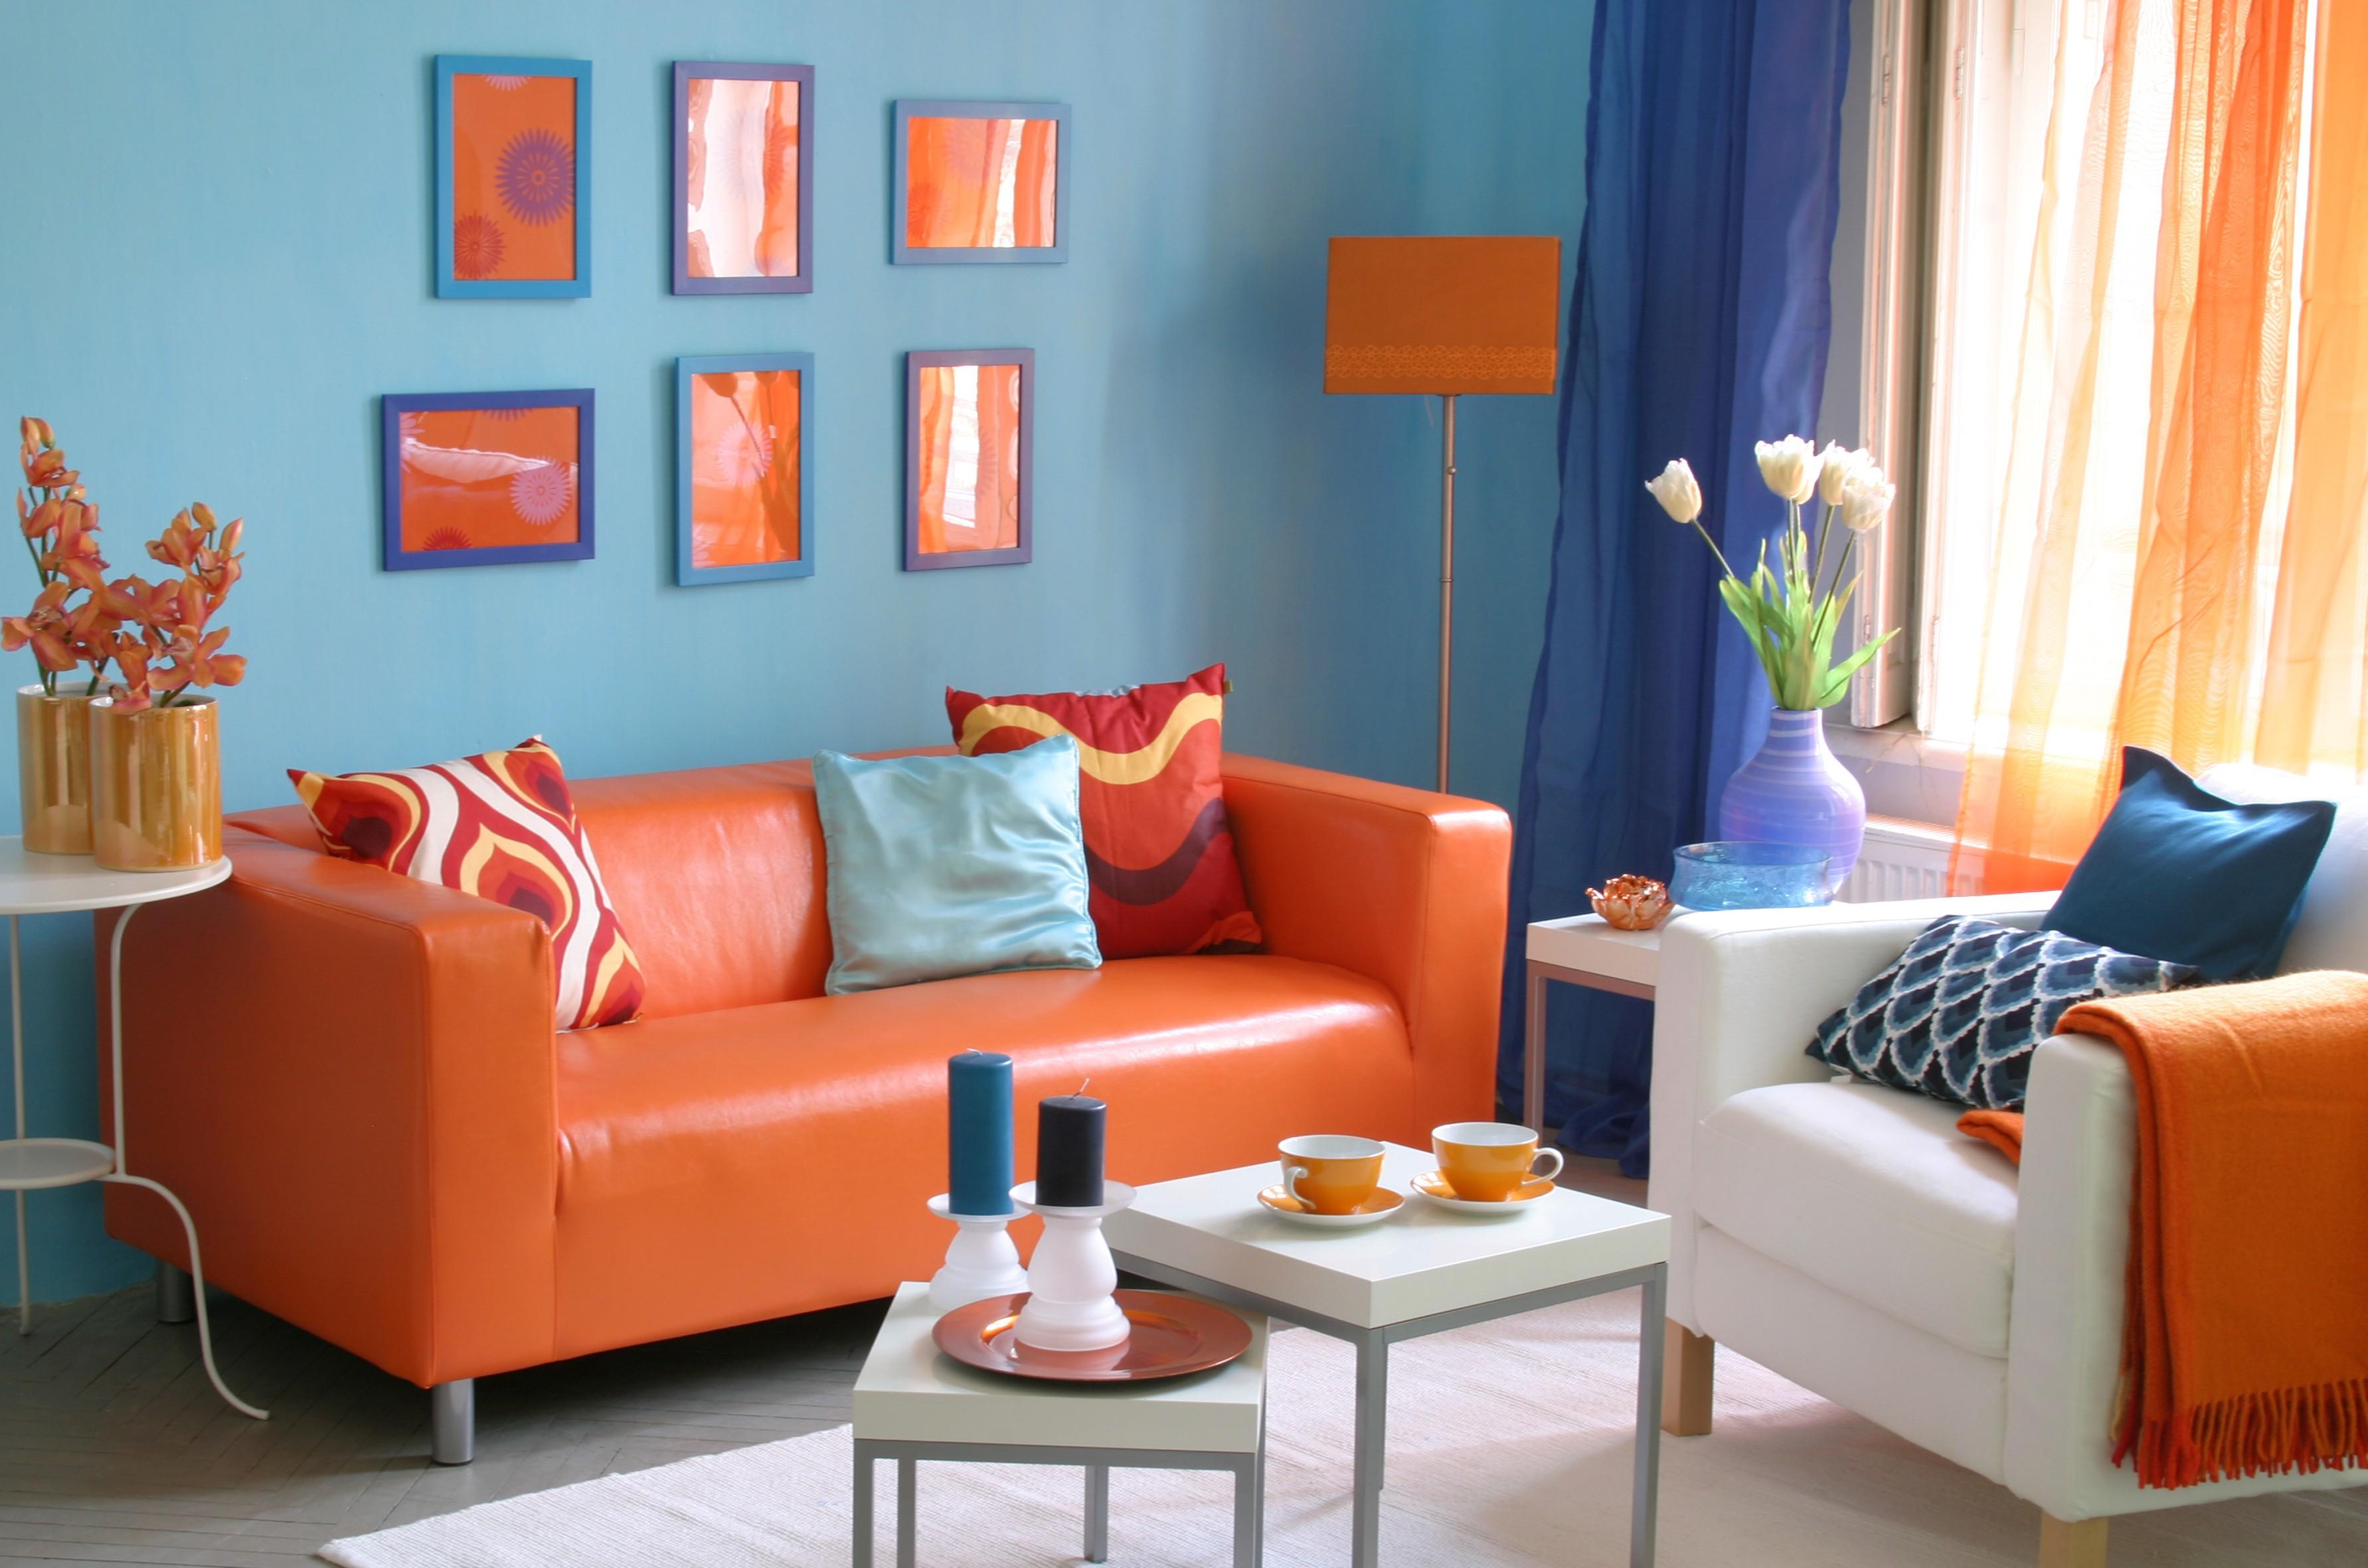 Оранжевый цвет сочетание с другими цветами в интерьере